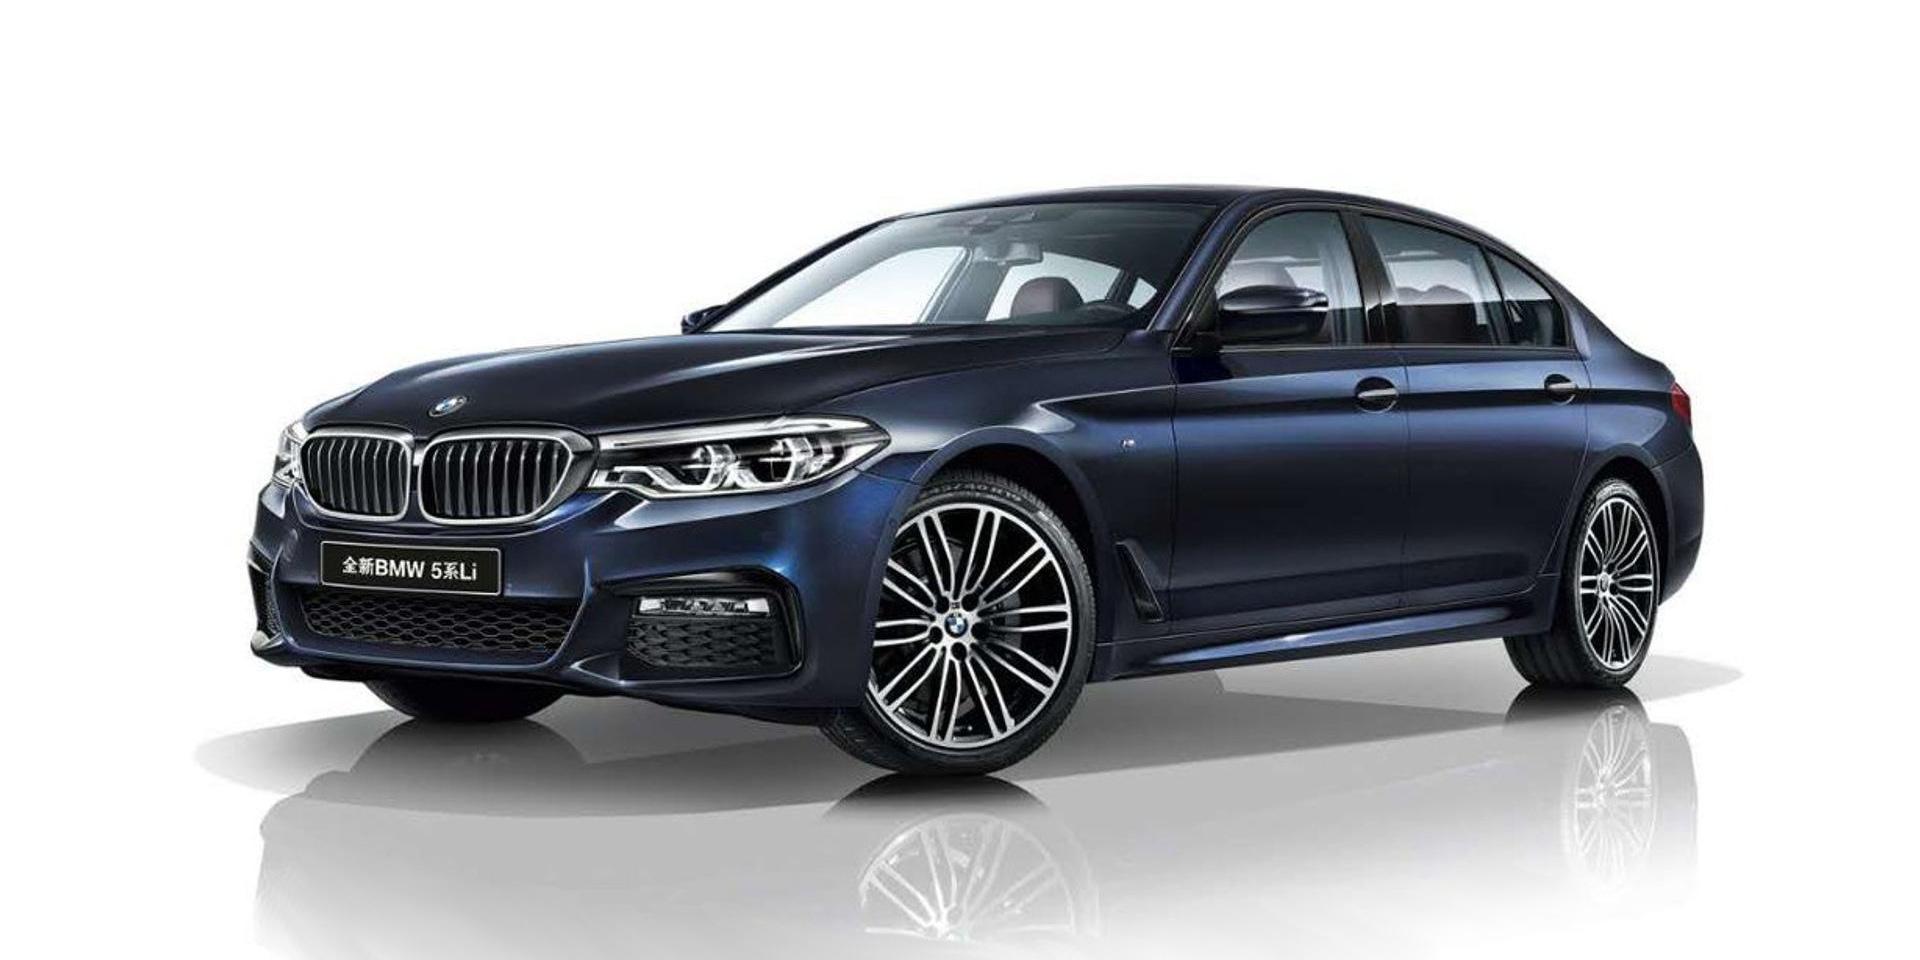 中國市場限定,BMW 5系列Li長軸版登場